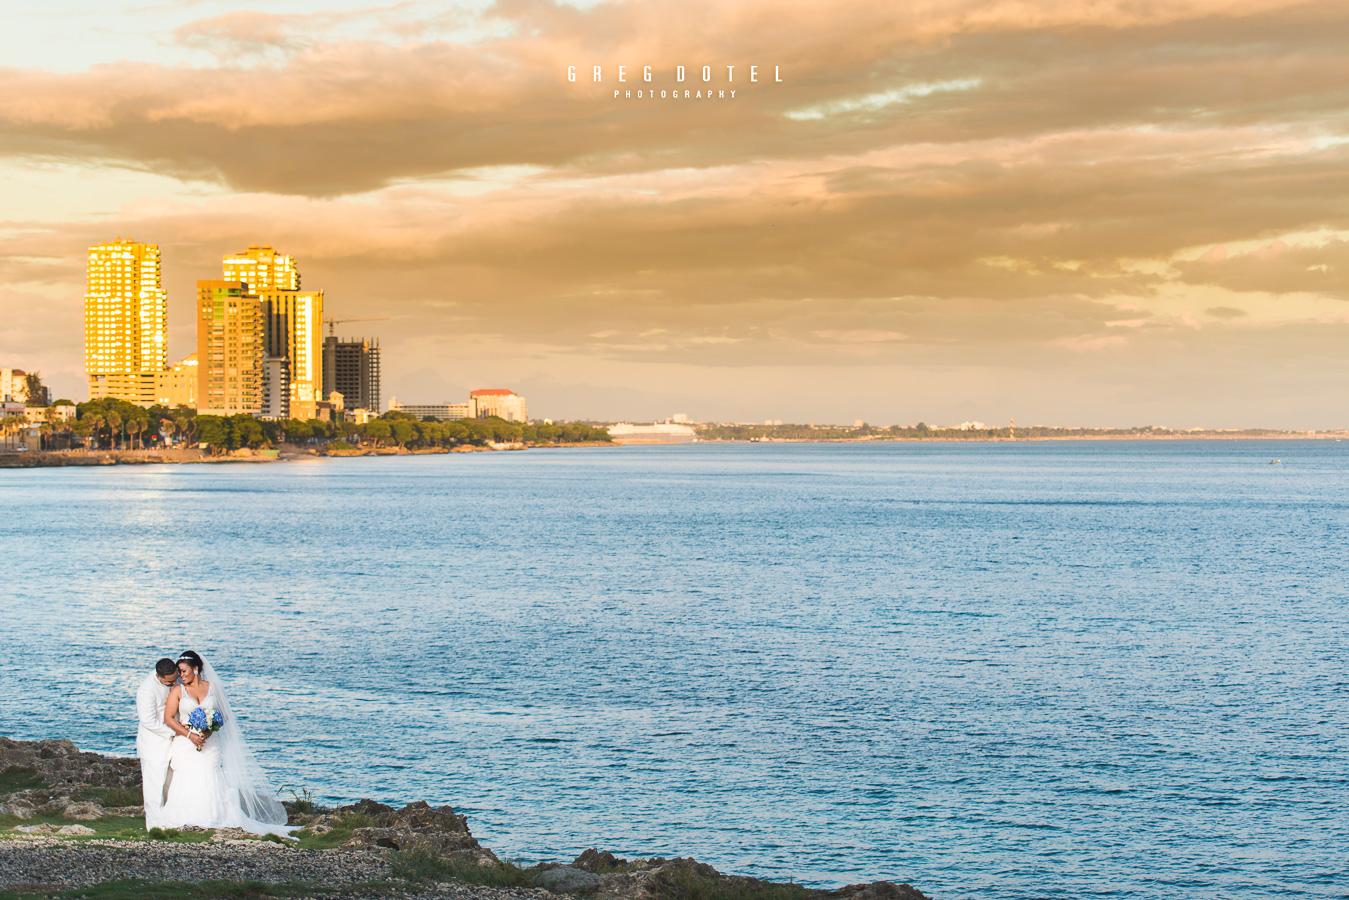 fotografo para sesion de fotos de bodas en santo domingo republica dominicana greg dotel